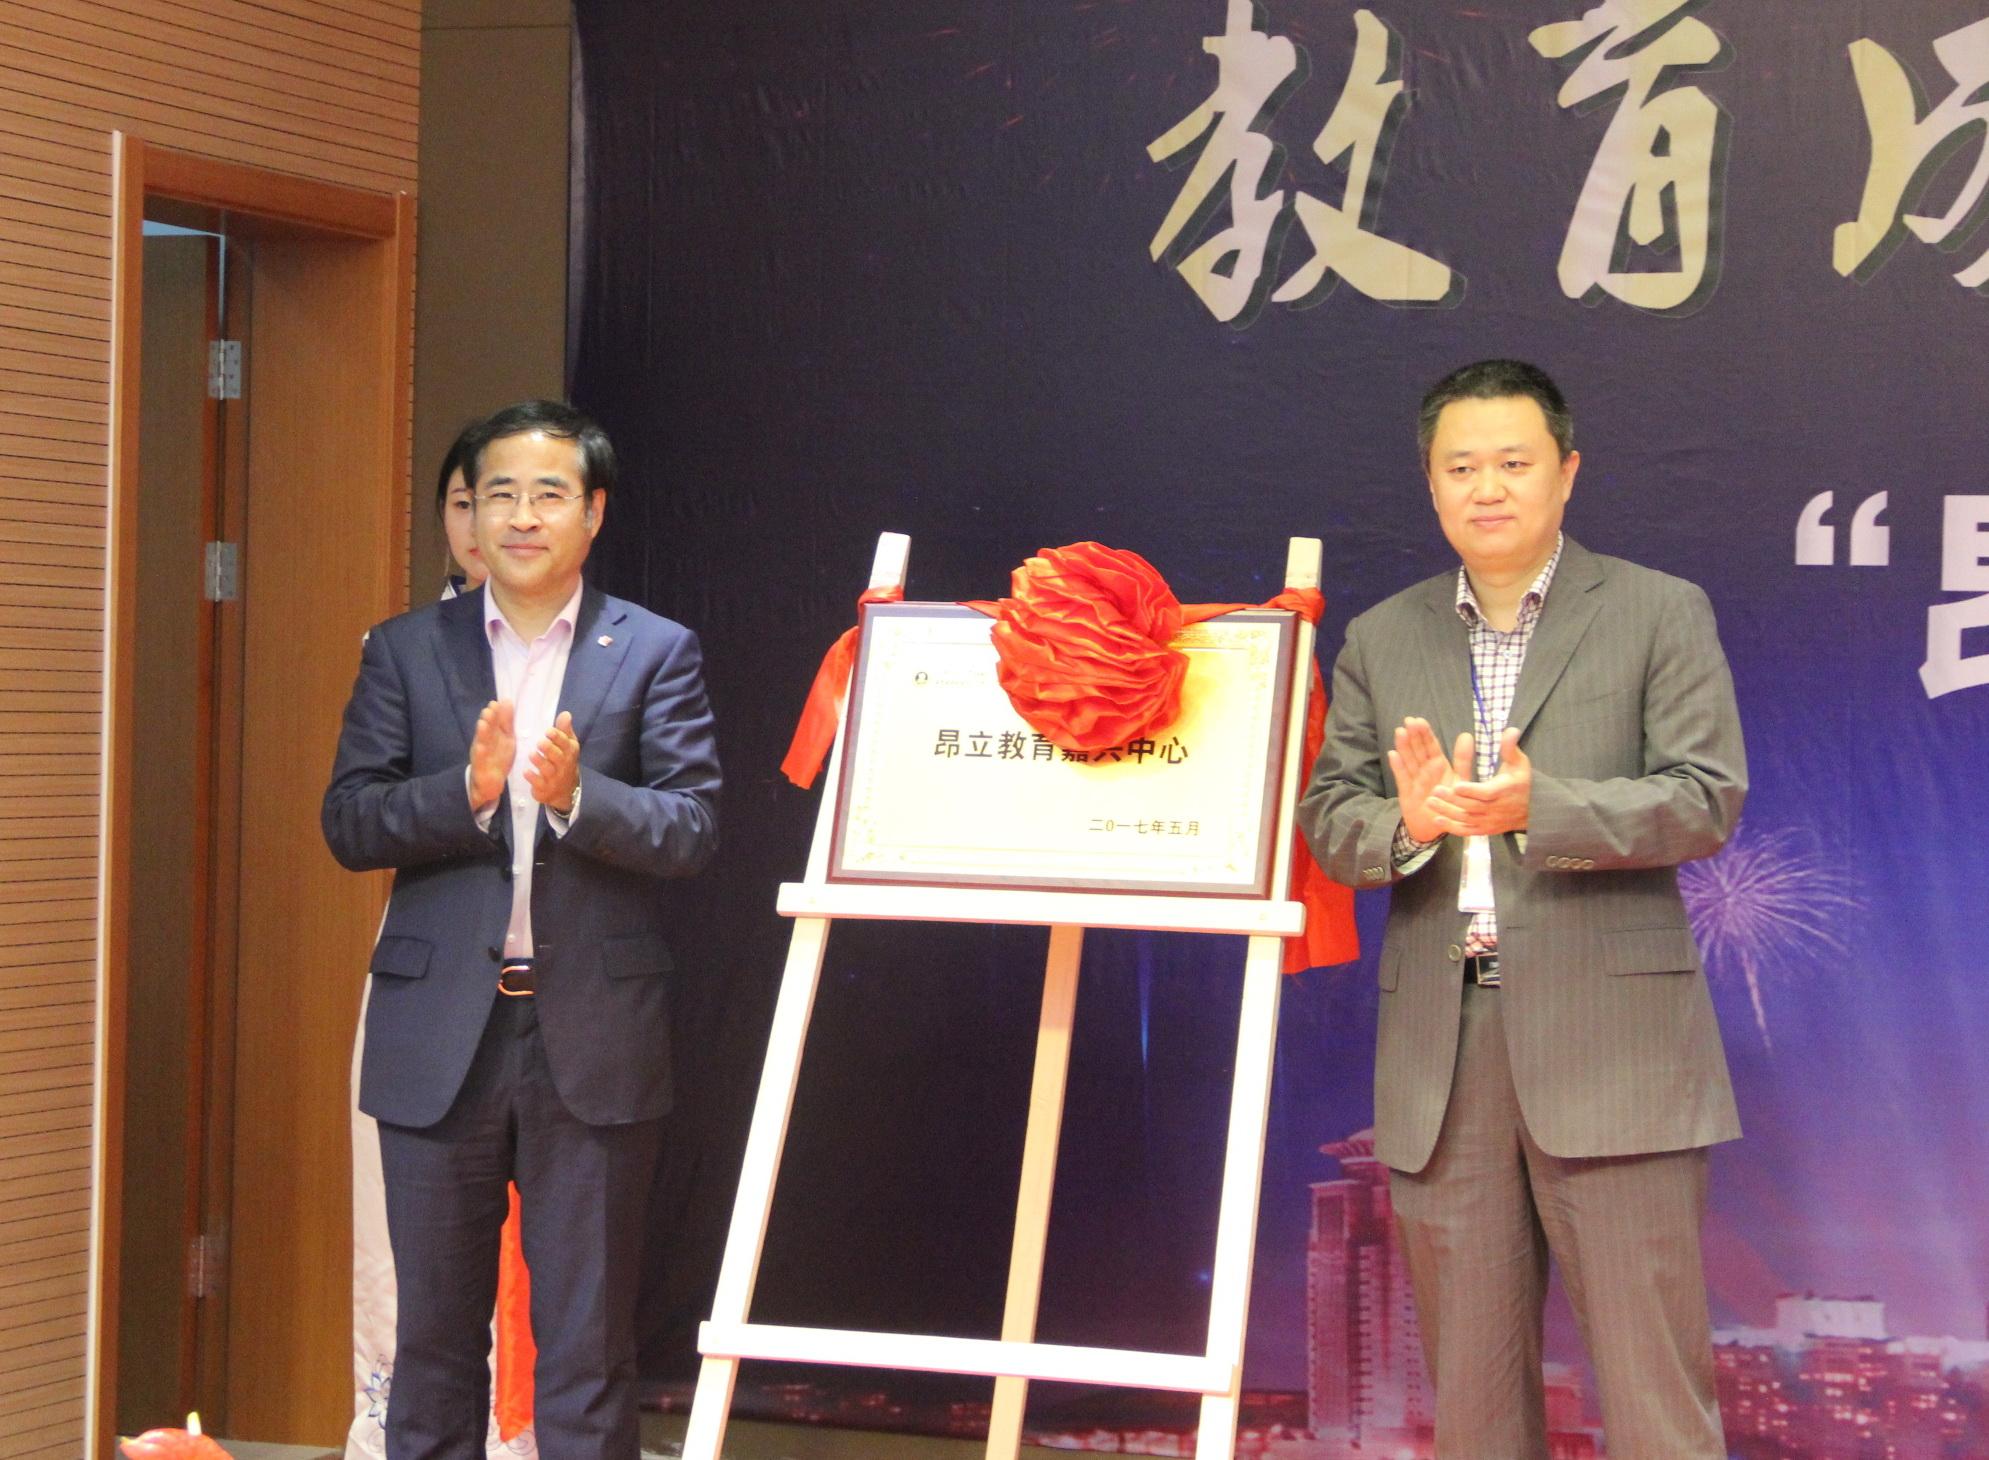 学院院长常韶伟与昂立教育总裁林涛签订合作框架协议